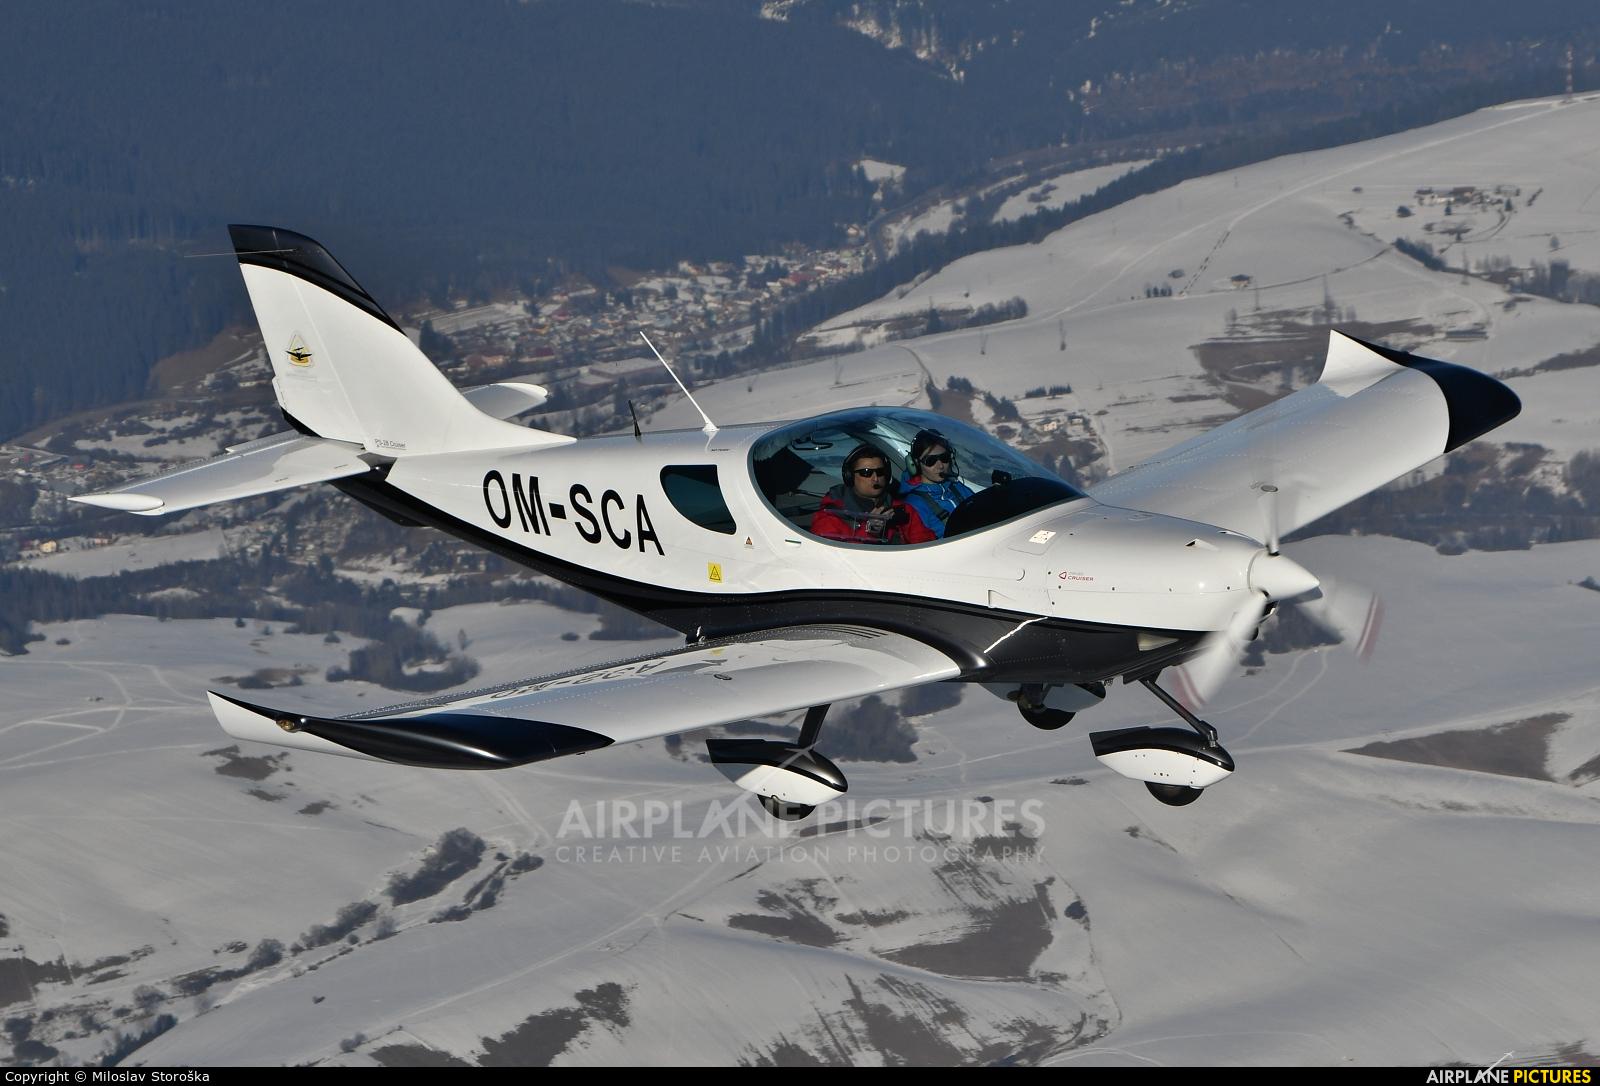 Flying Service School Banska Bystrica OM-SCA aircraft at In Flight - Slovakia